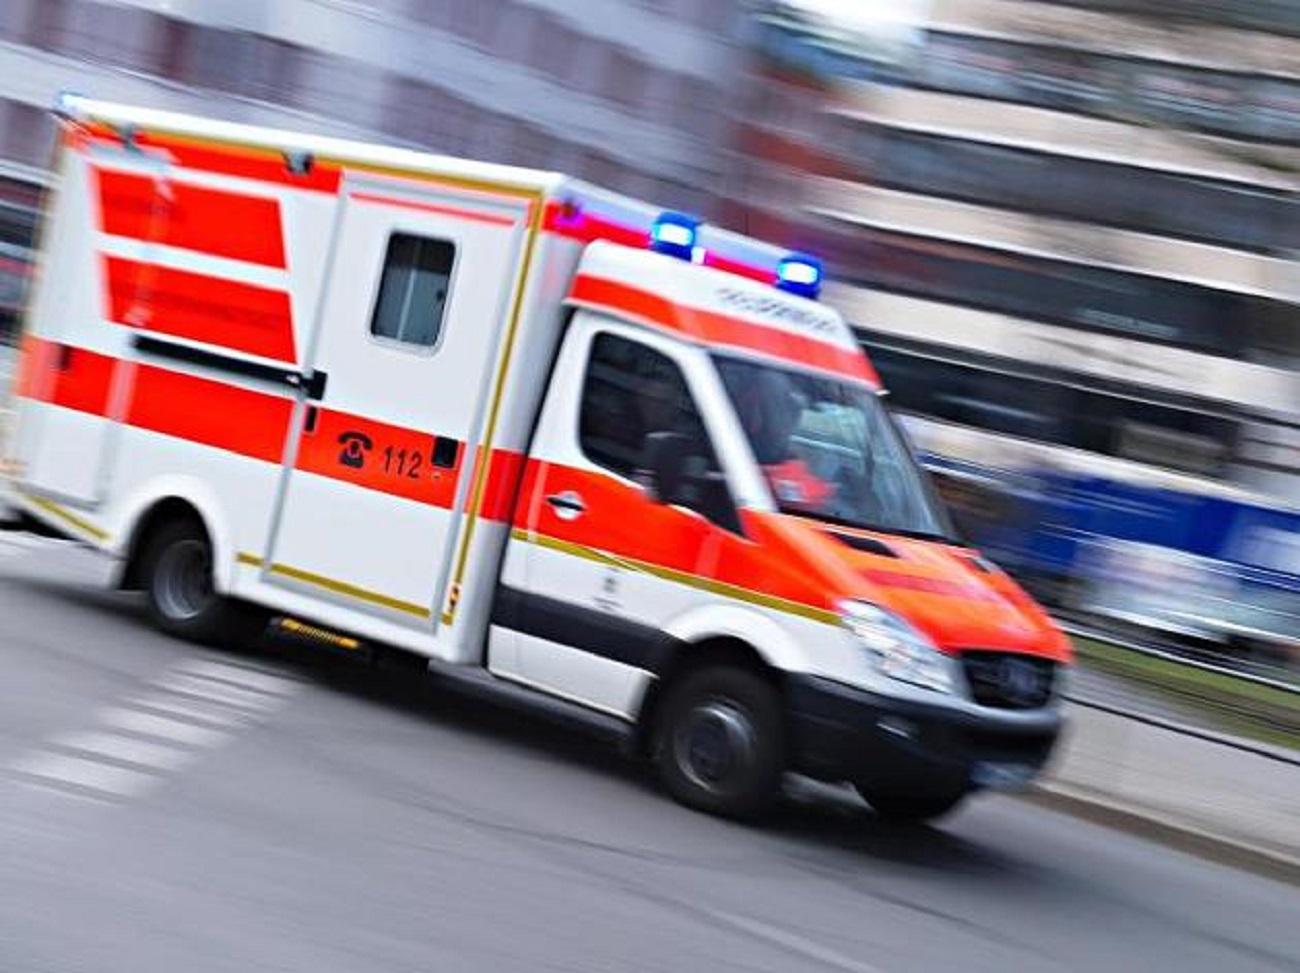 ВЧувашии врезультате происшествия надороге пострадали два человека